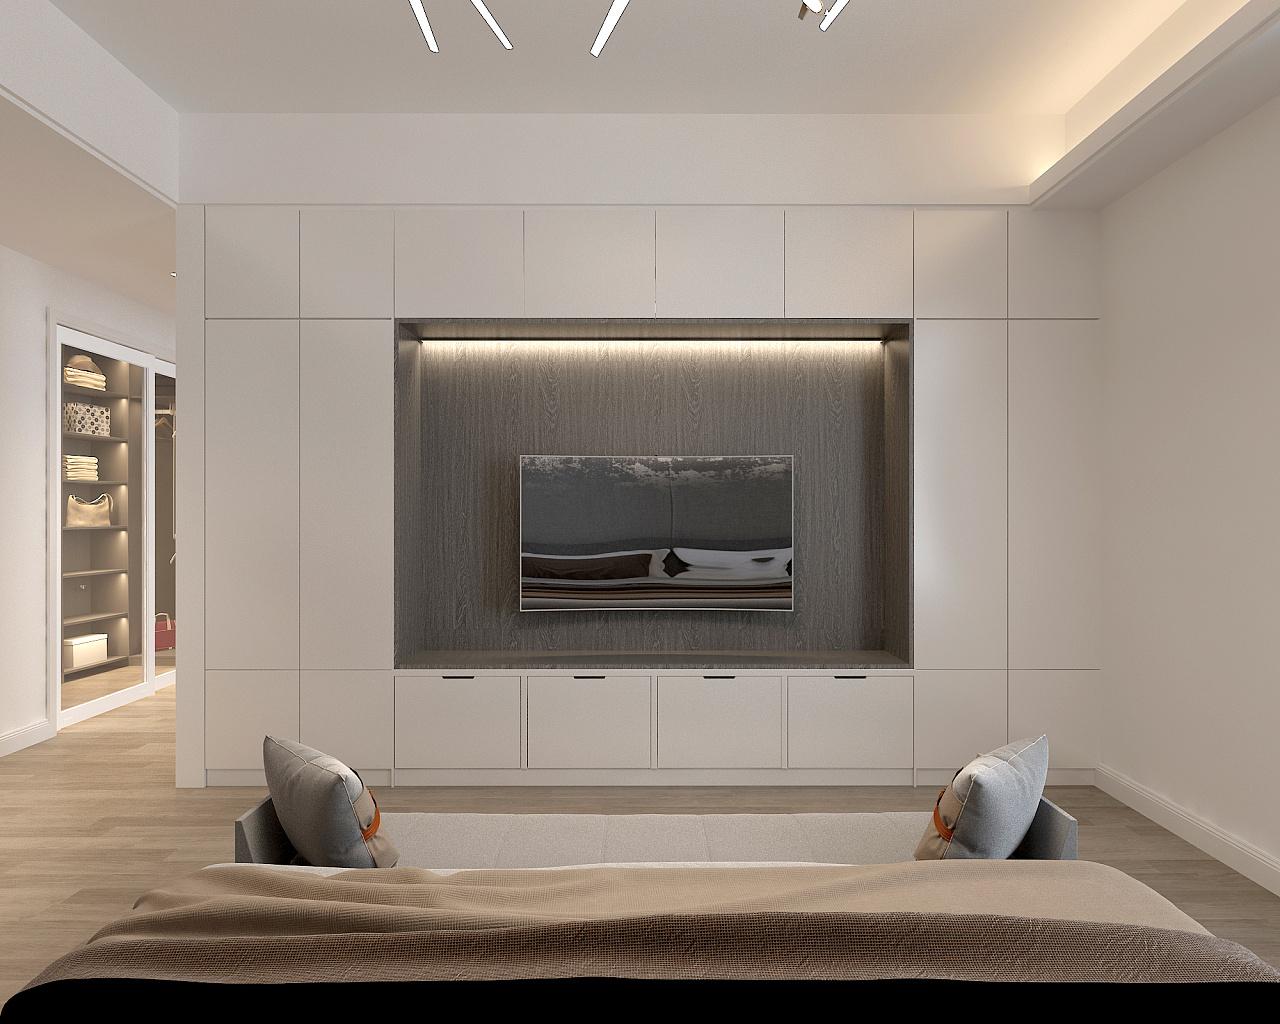 现代高级灰 / 住宅空间设计 空间 室内设计 六品空间